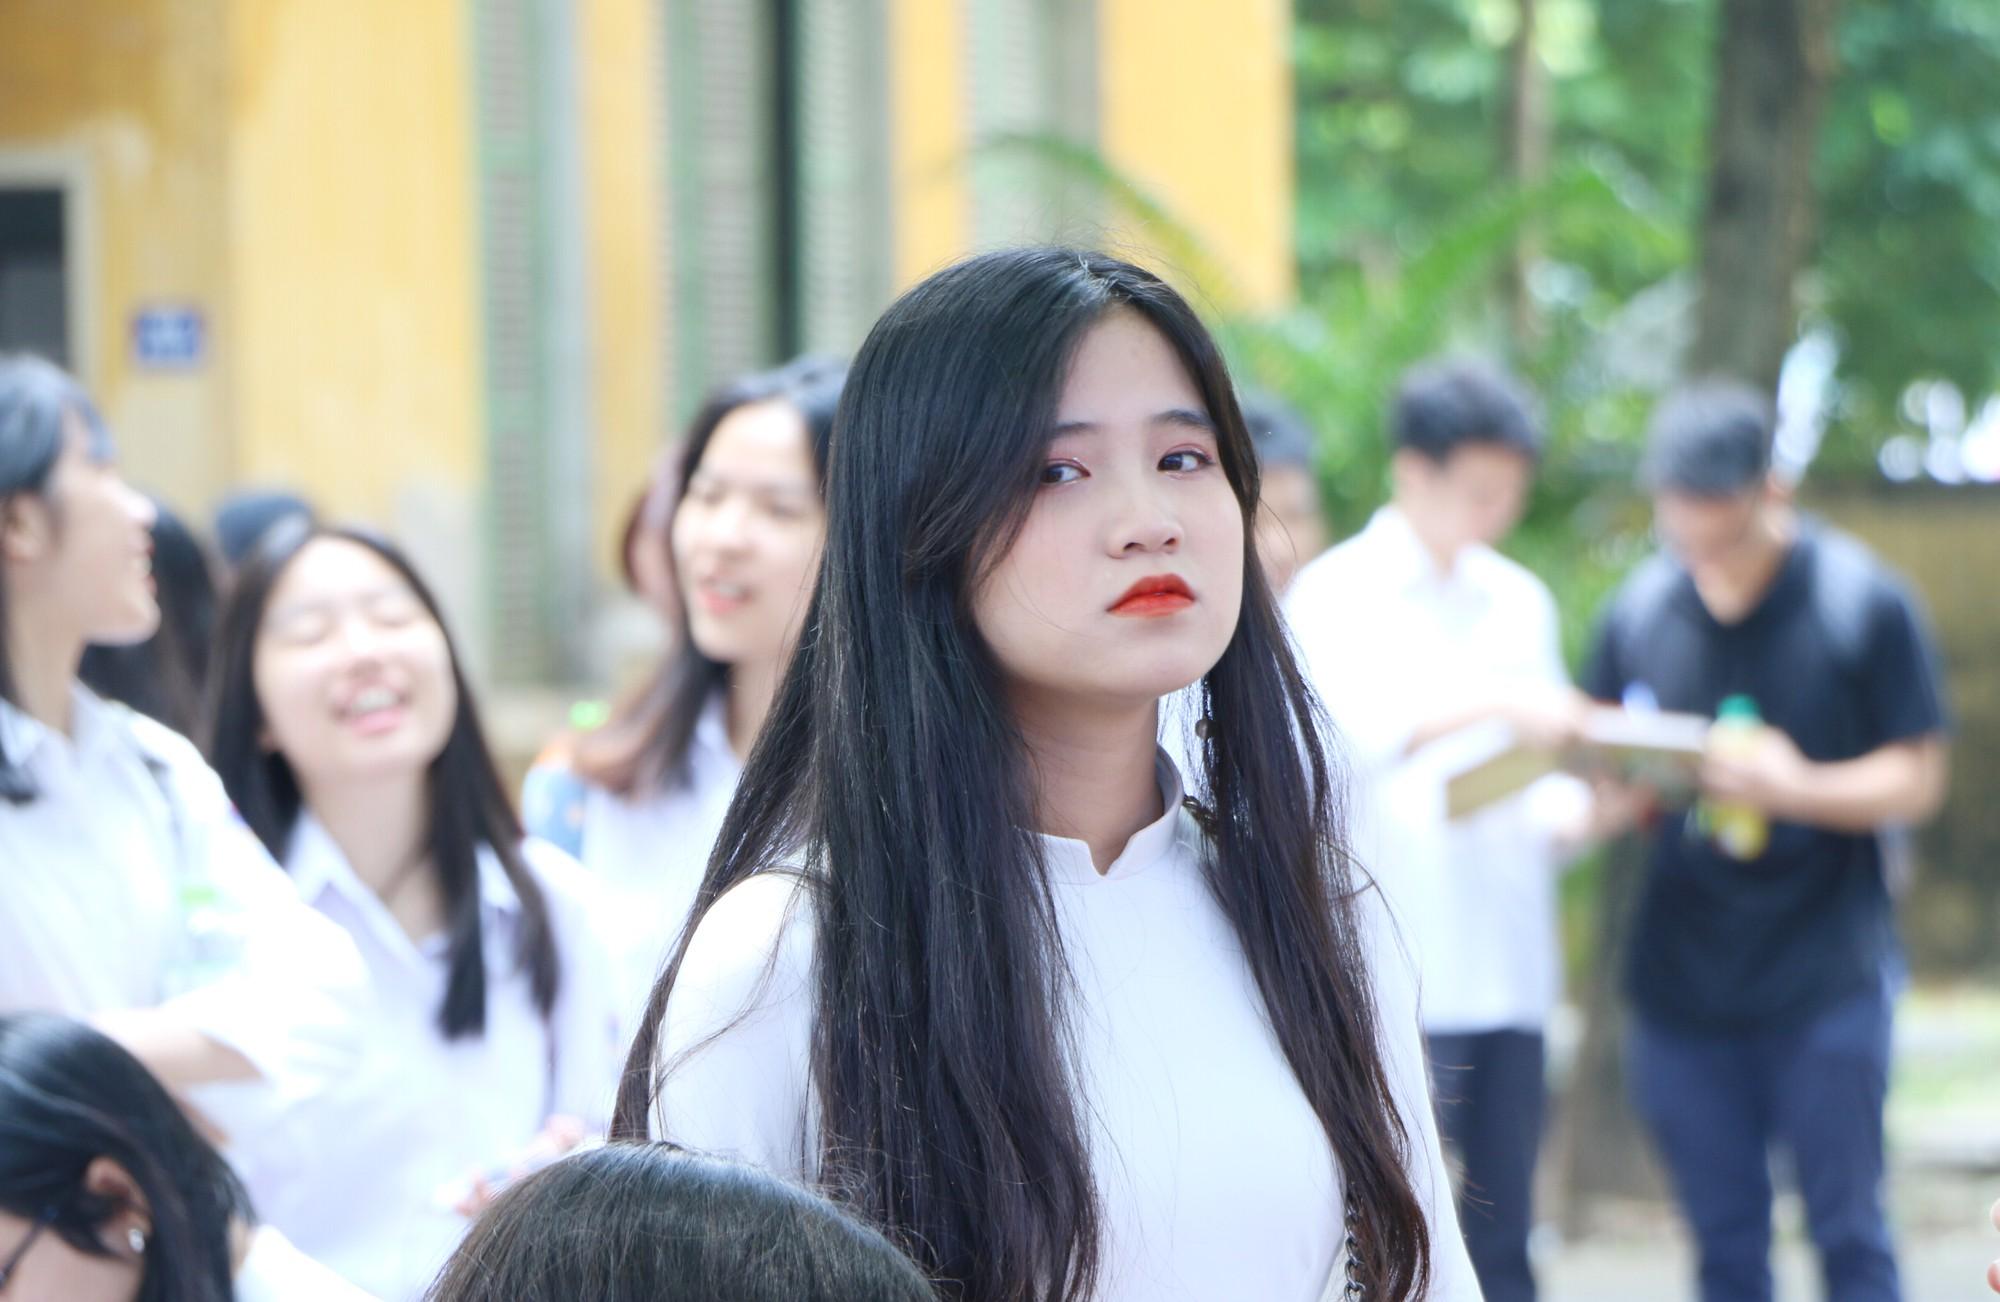 Ngắm nữ sinh Trường Chu Văn An duyên dáng, đẹp tinh khôi trong ngày bế giảng - Ảnh 13.